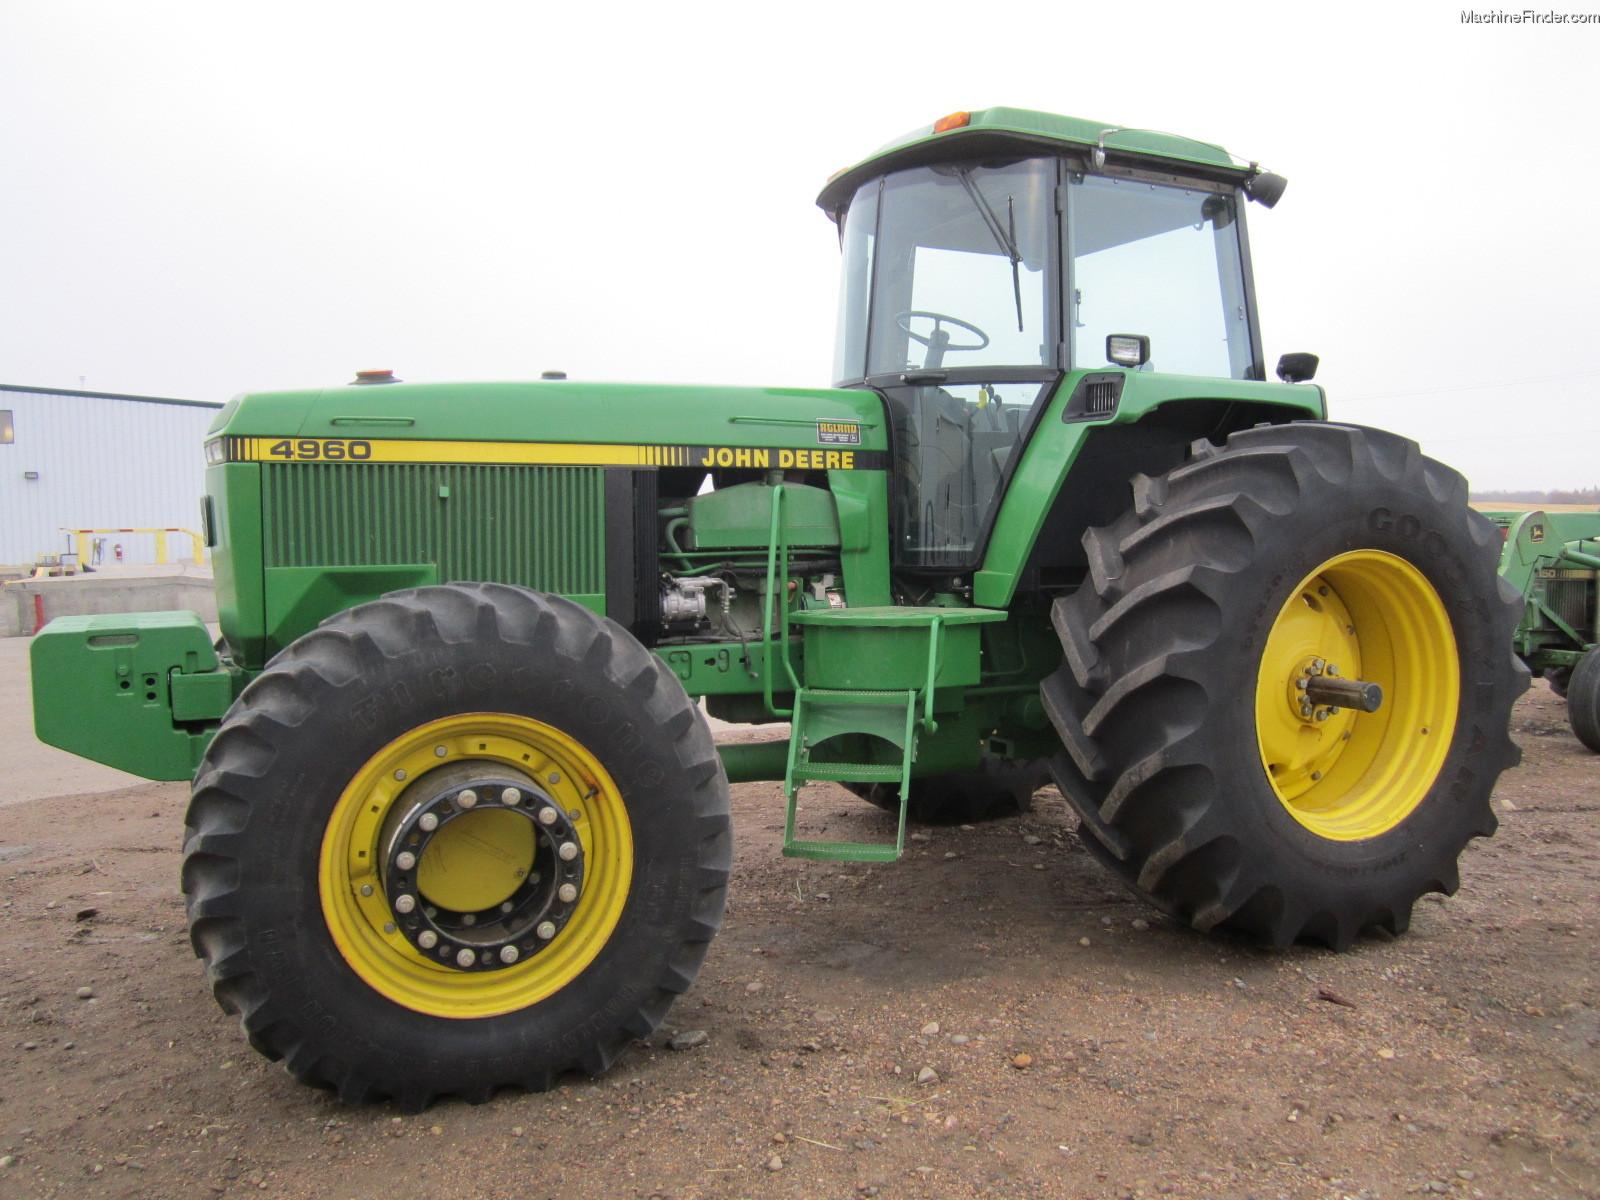 1994 John Deere 4960 Tractors - Row Crop (+100hp) - John ...